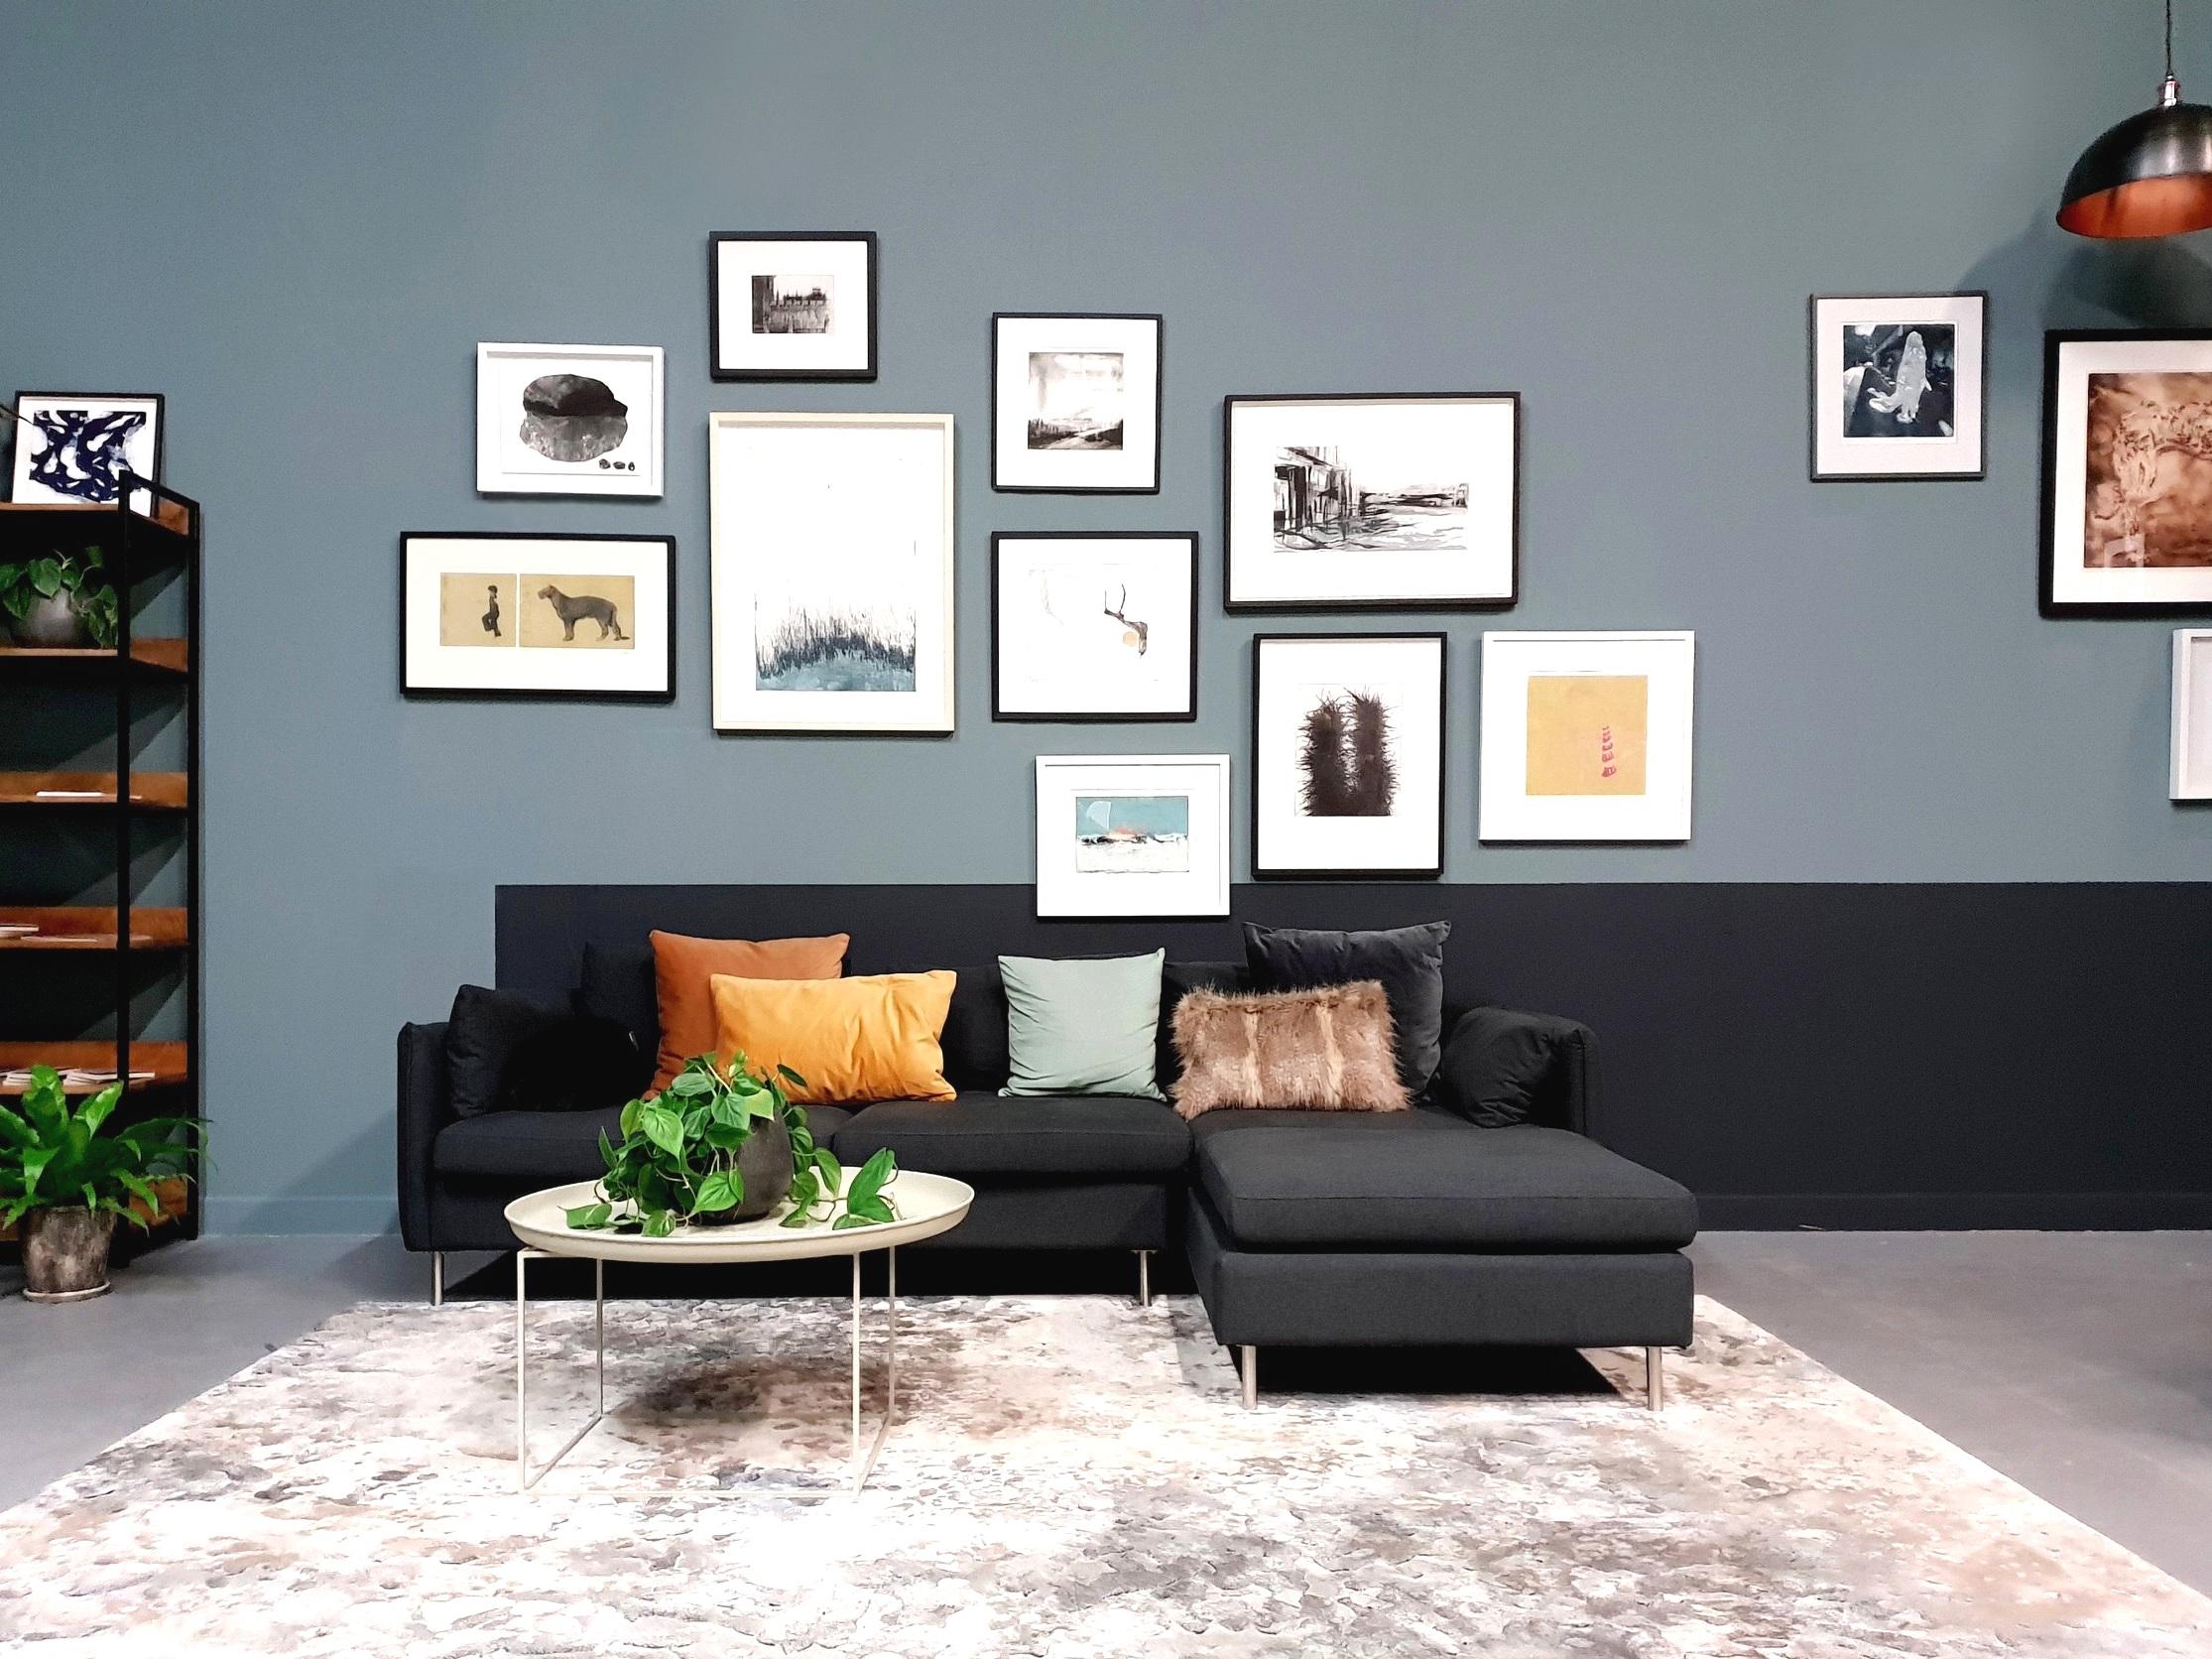 woolwich_print-fair-concept%2Bdesign.jpg